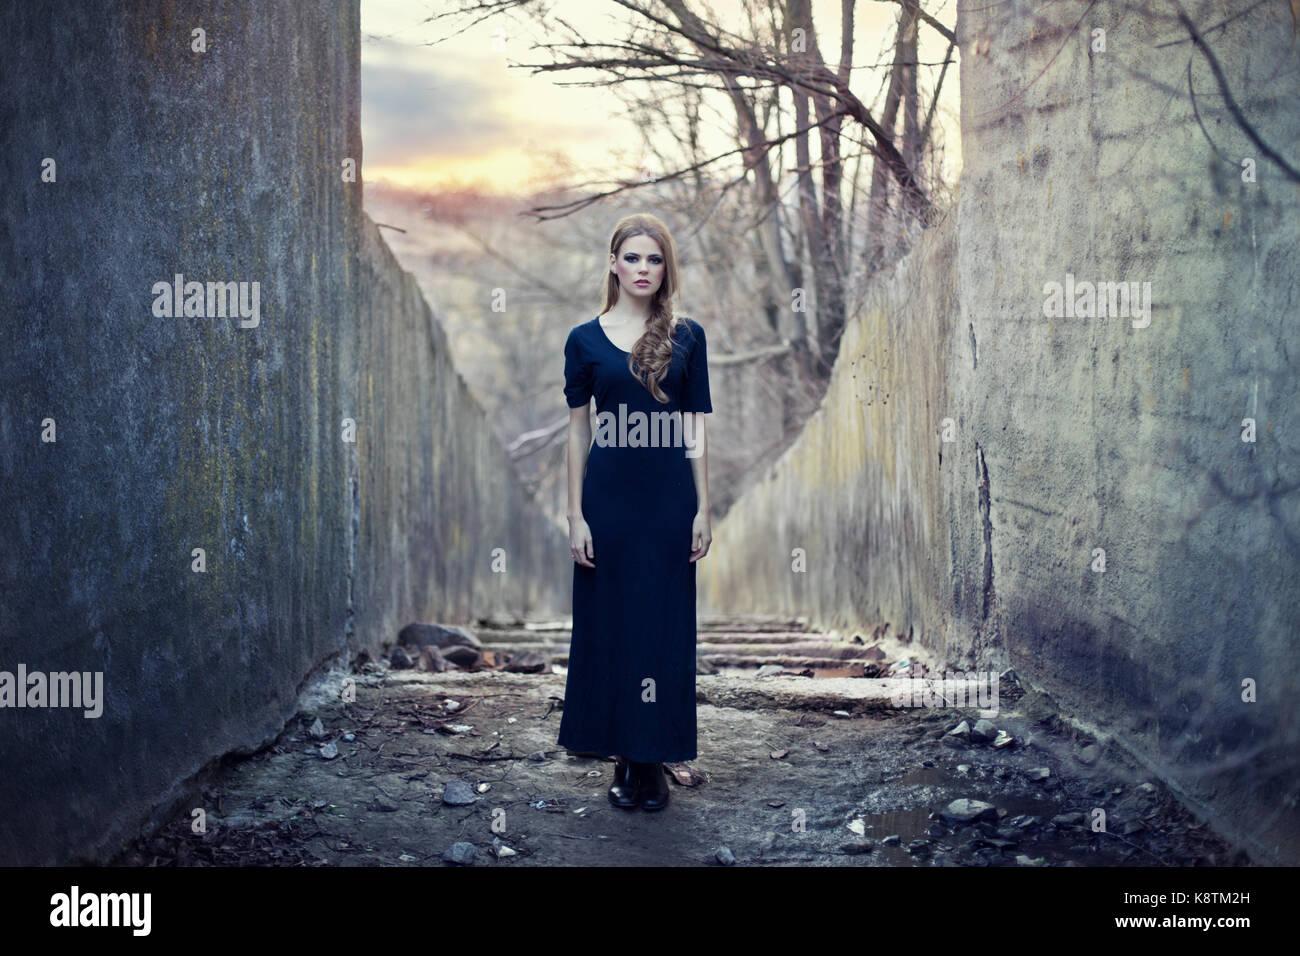 Wunderschöne einsame Mädchen in langen Kleid in der Nähe der düsteren Tunnel am Sunset Stockbild